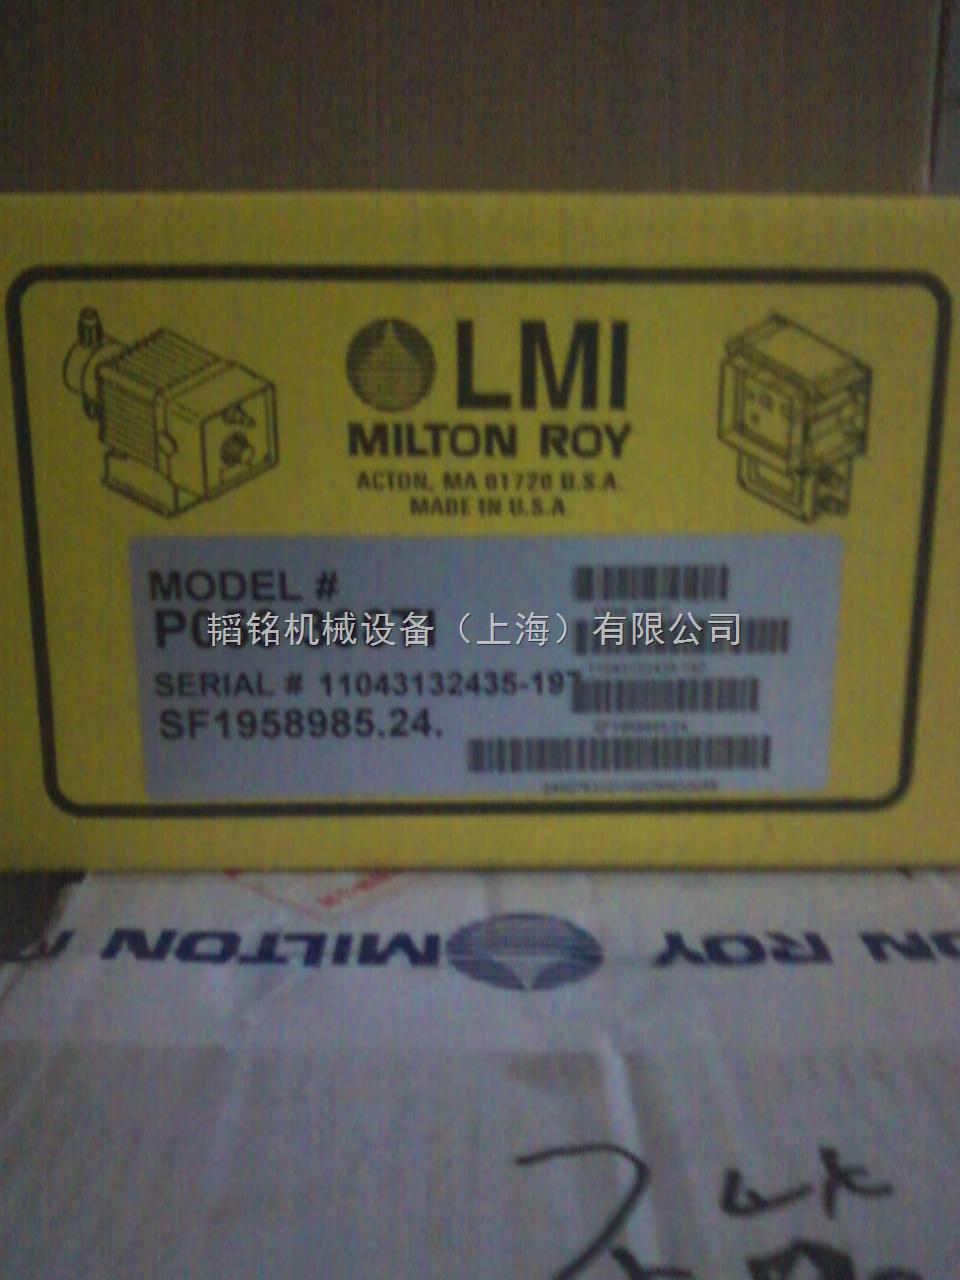 P056-398T米顿罗阻垢剂计量泵